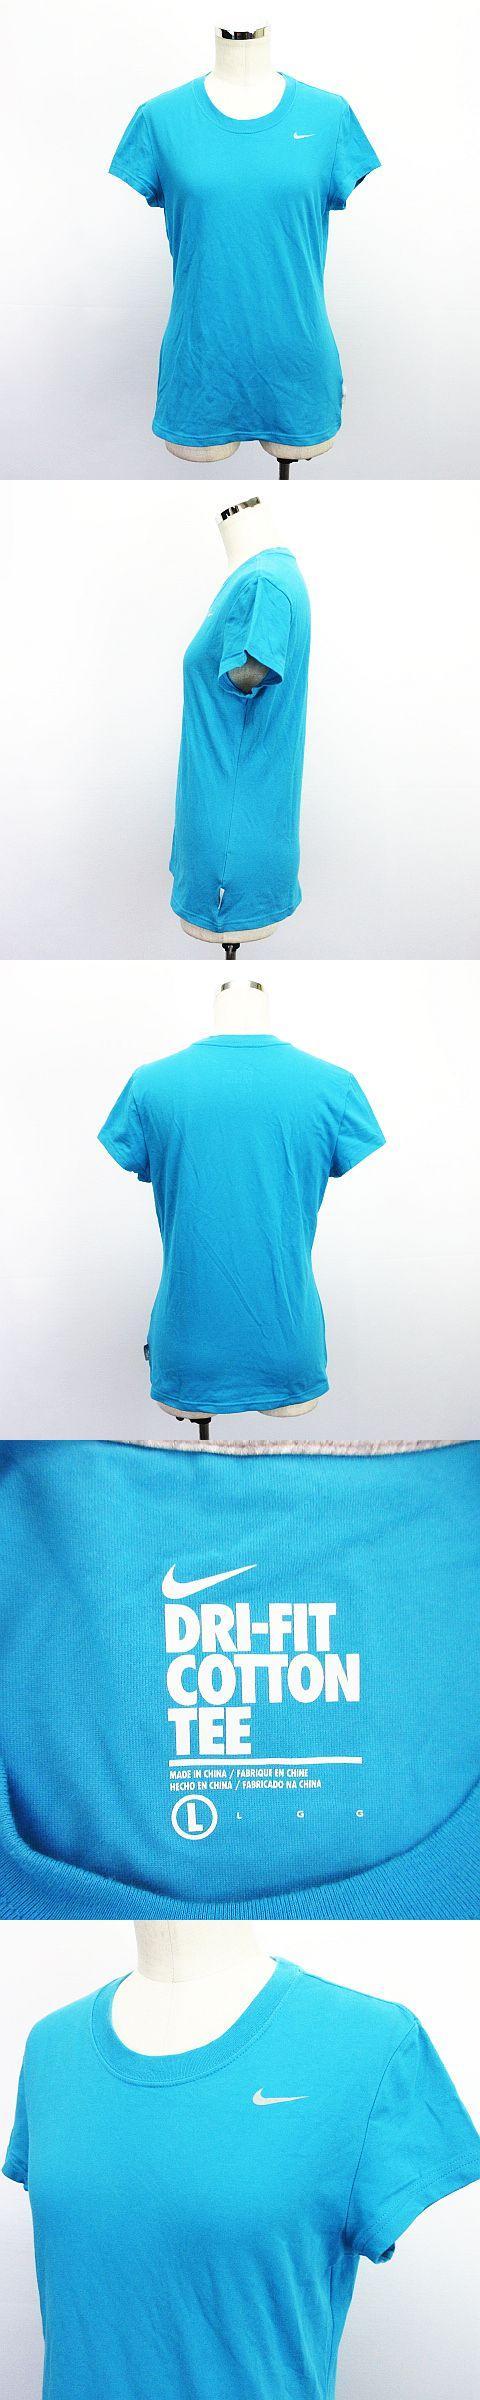 Tシャツ カットソー 半袖 クルーネック ロゴ ポリウレタン L ブルー スポーツウェア ※EKM